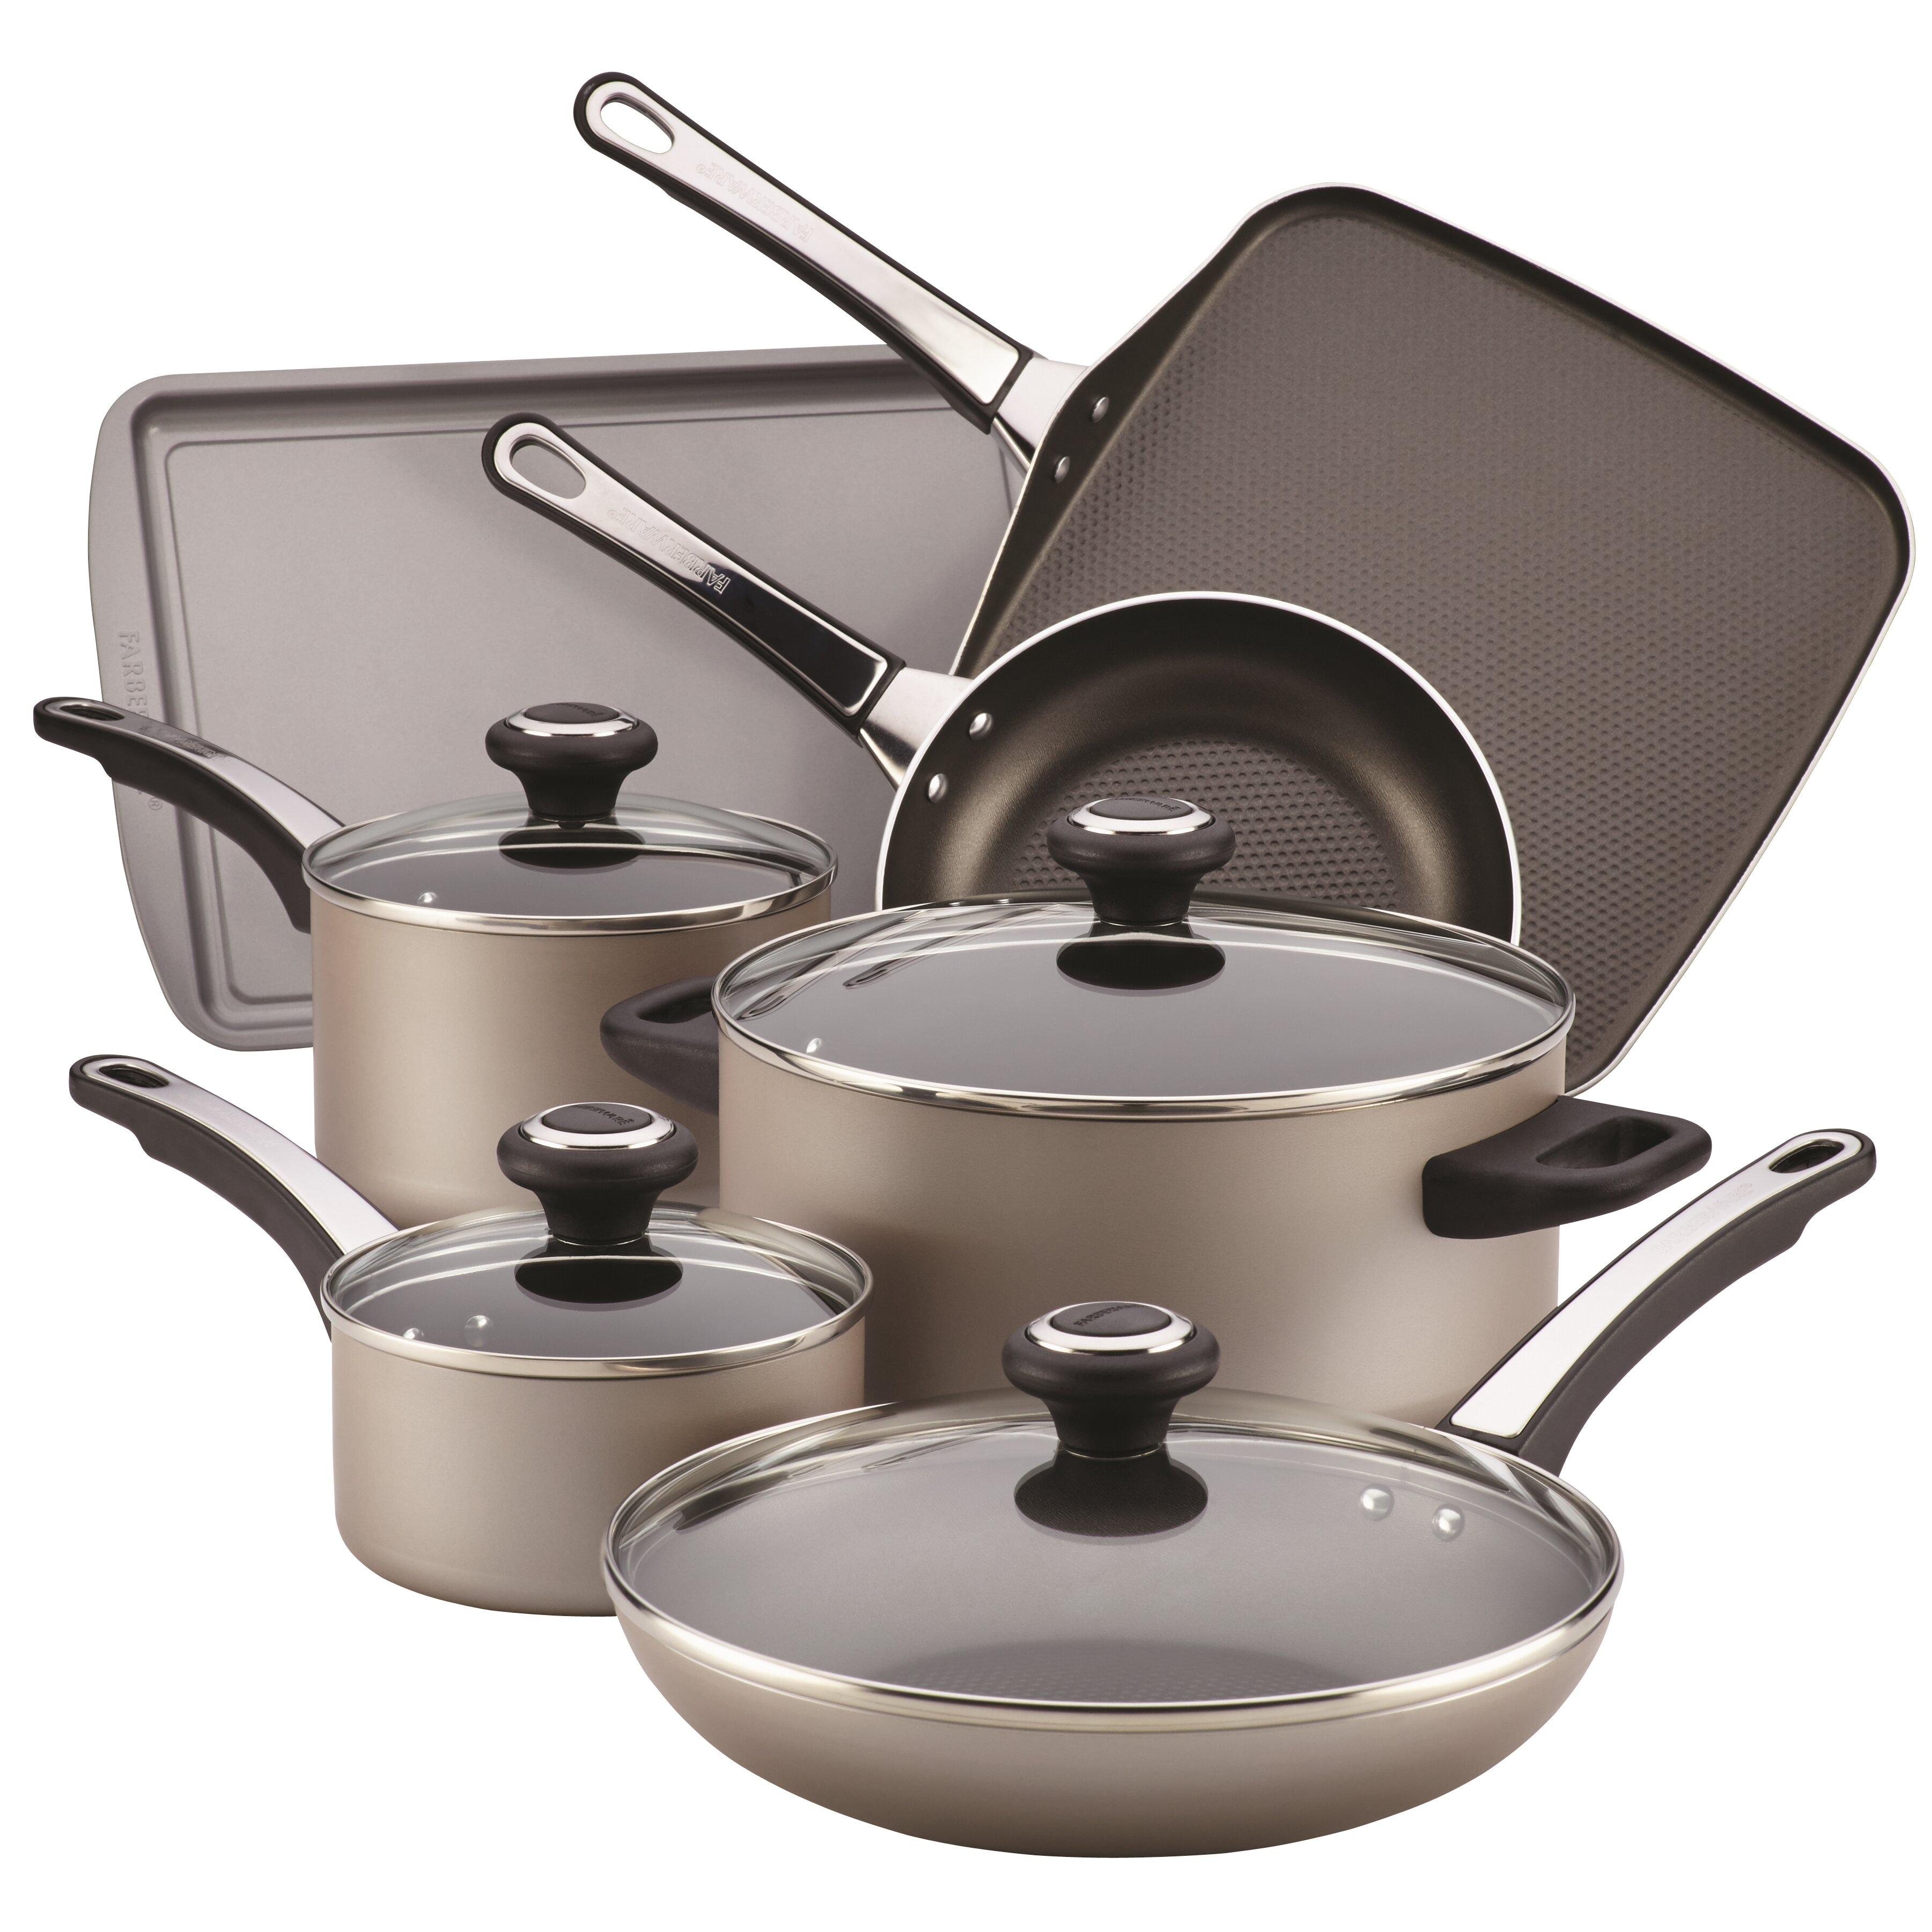 Farberware 17 Piece Nonstick Cookware Set & Reviews | Wayfair